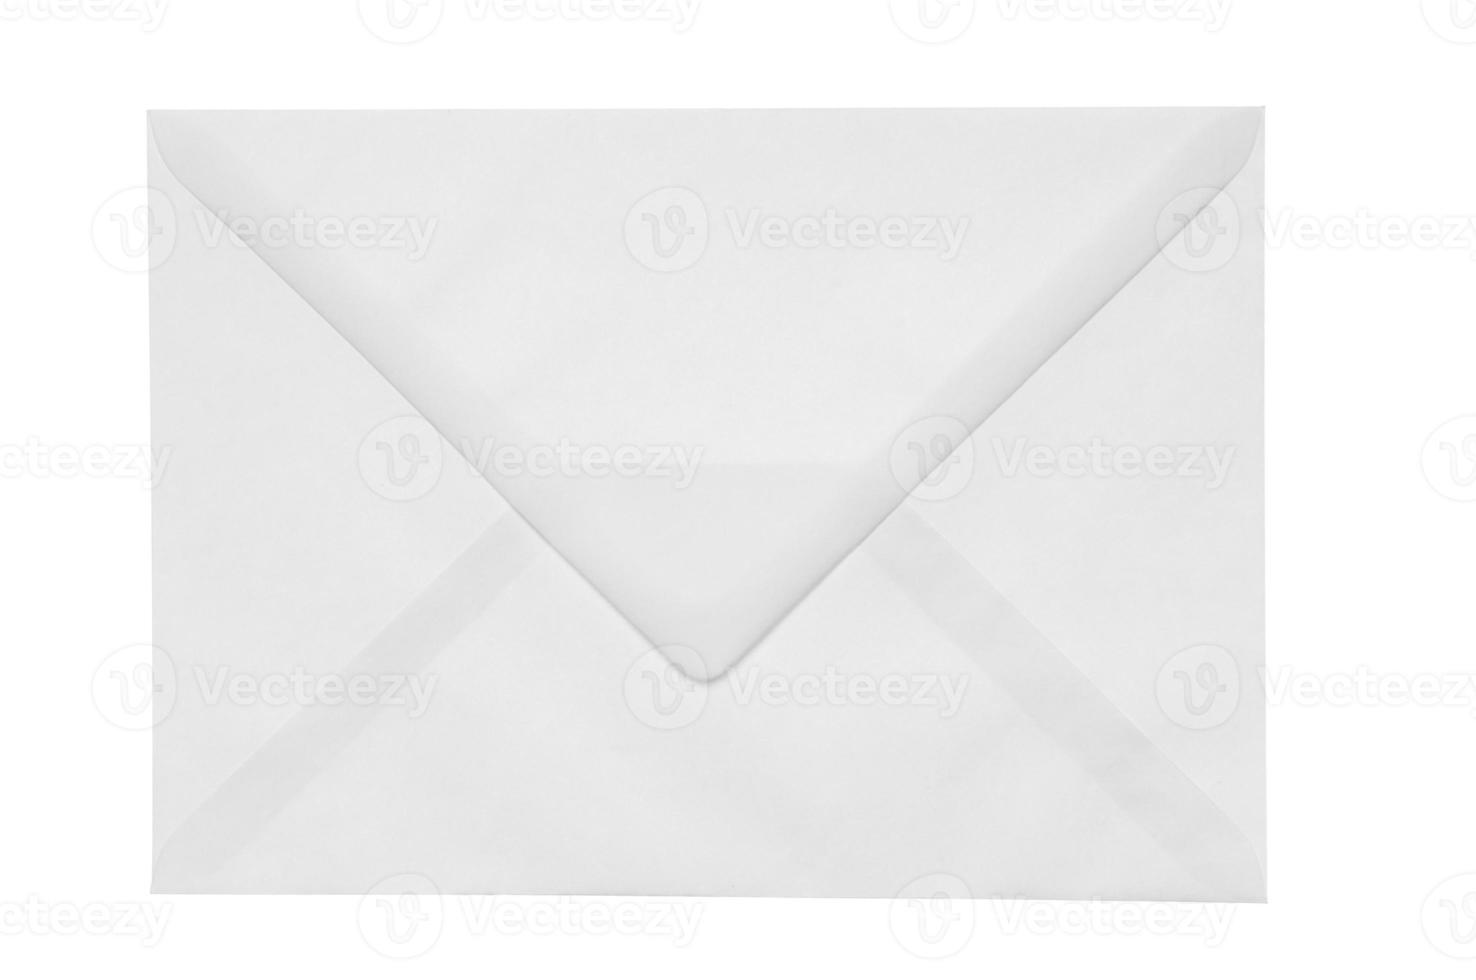 lege envelop foto